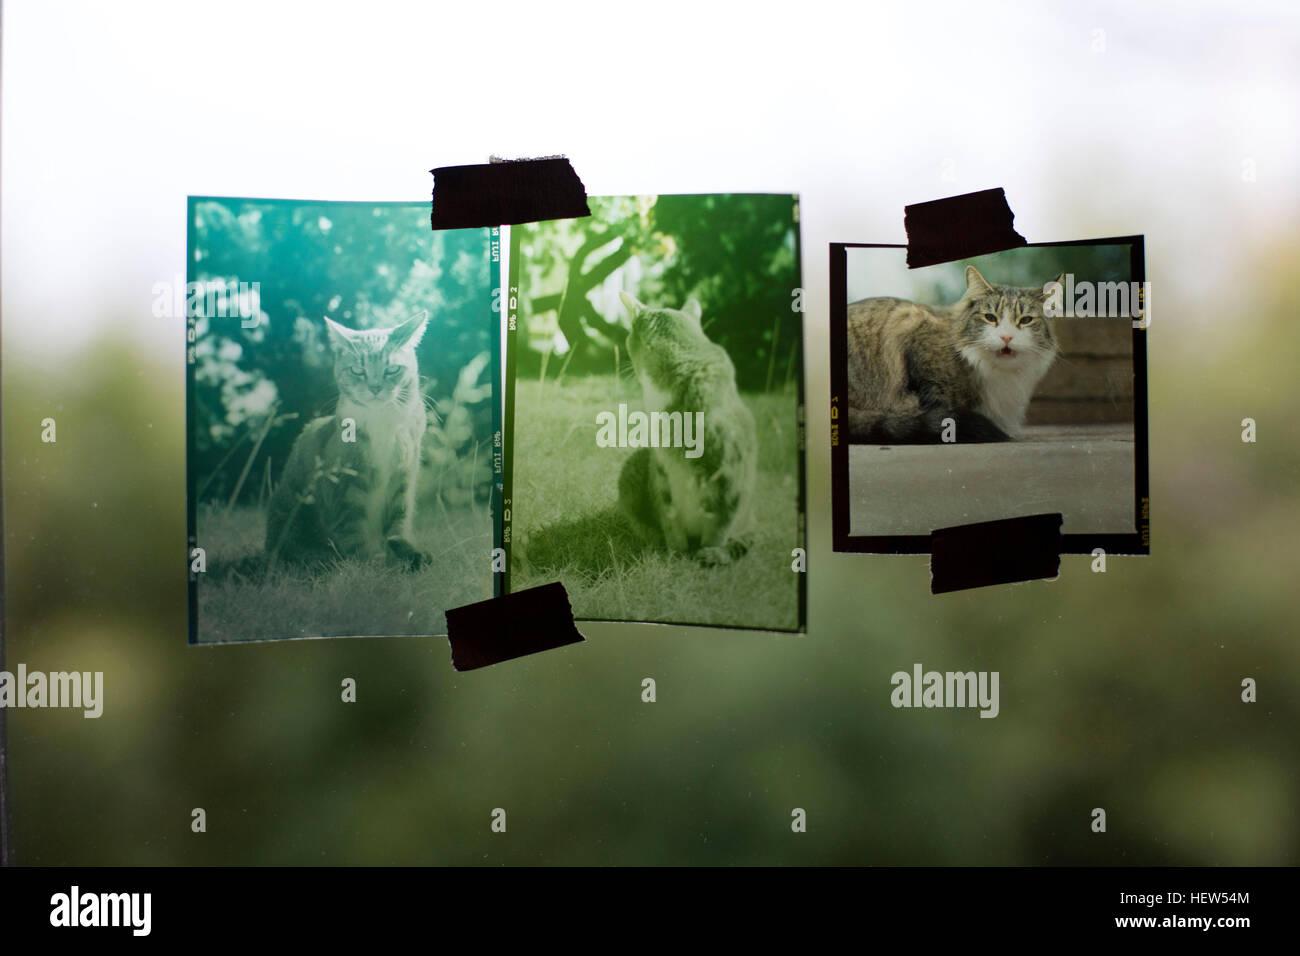 Fotografia che mostra i lucidi gatti, fissato con nastro adesivo per finestra, close-up Immagini Stock